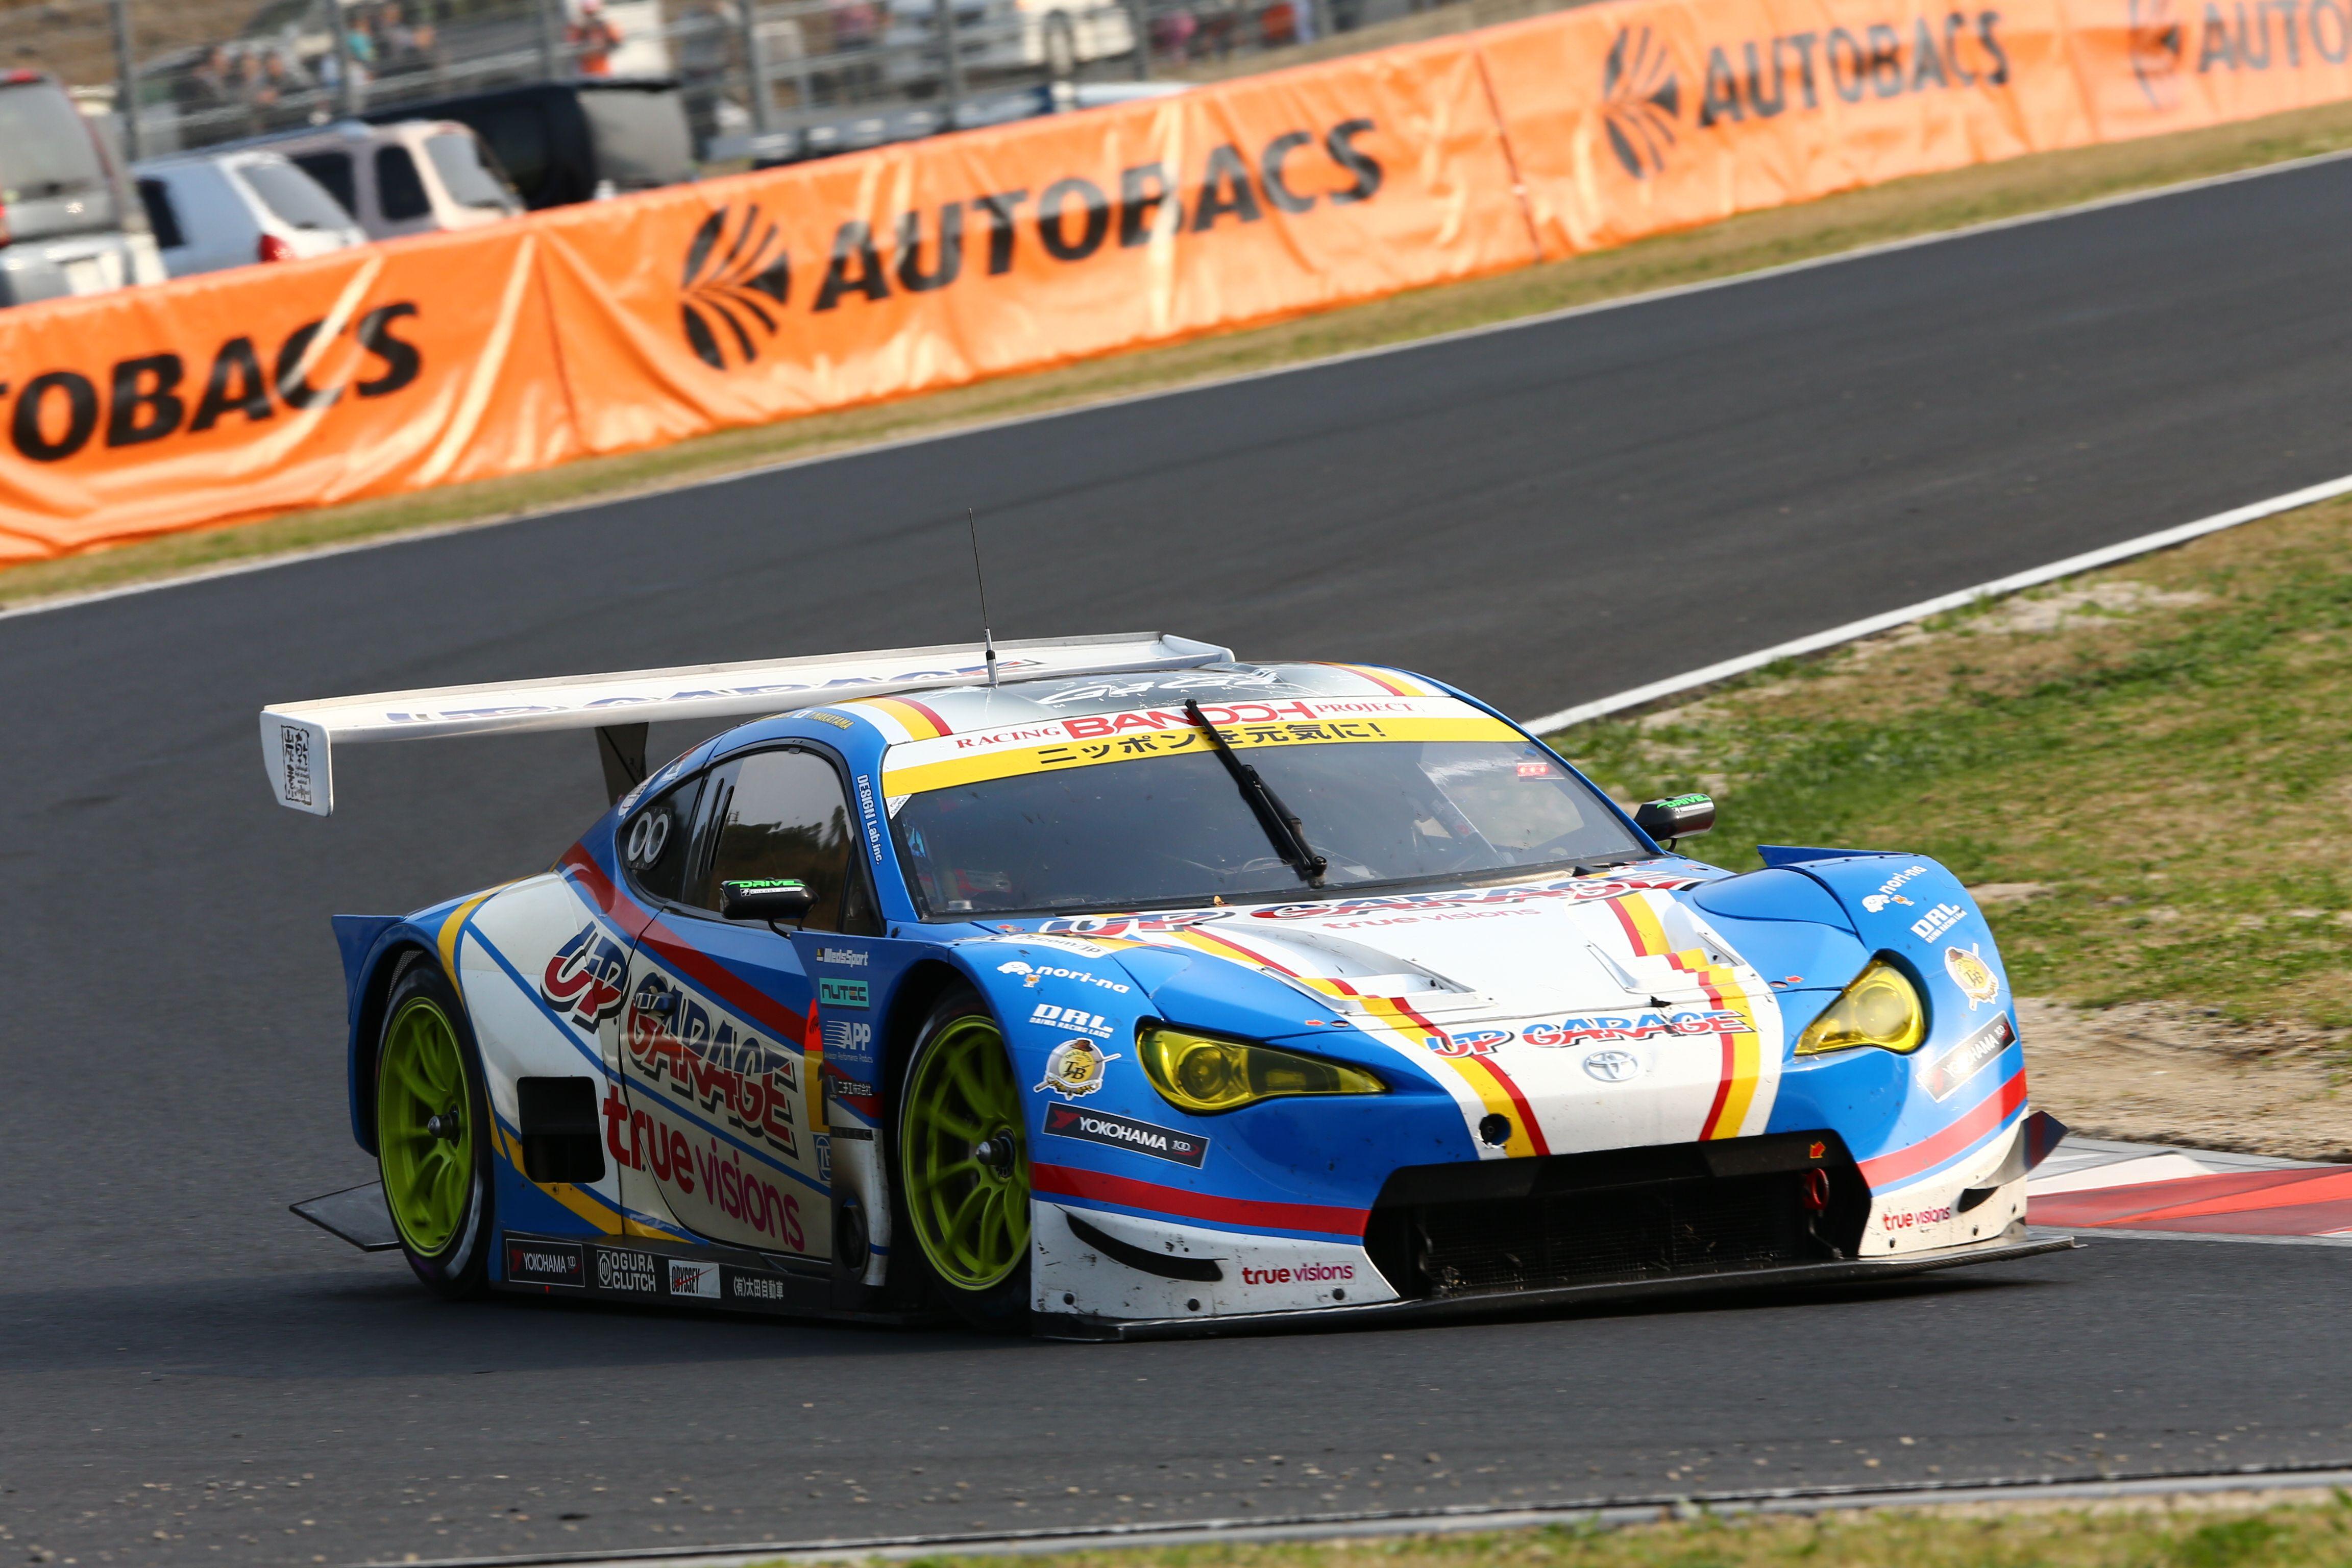 Autobacs Japan Super Gt 2017 Bandohracing Drivem7 Poweredbym7japan Japansupergt 2017 Upgarage Sports Car Racing Sports Car Racing